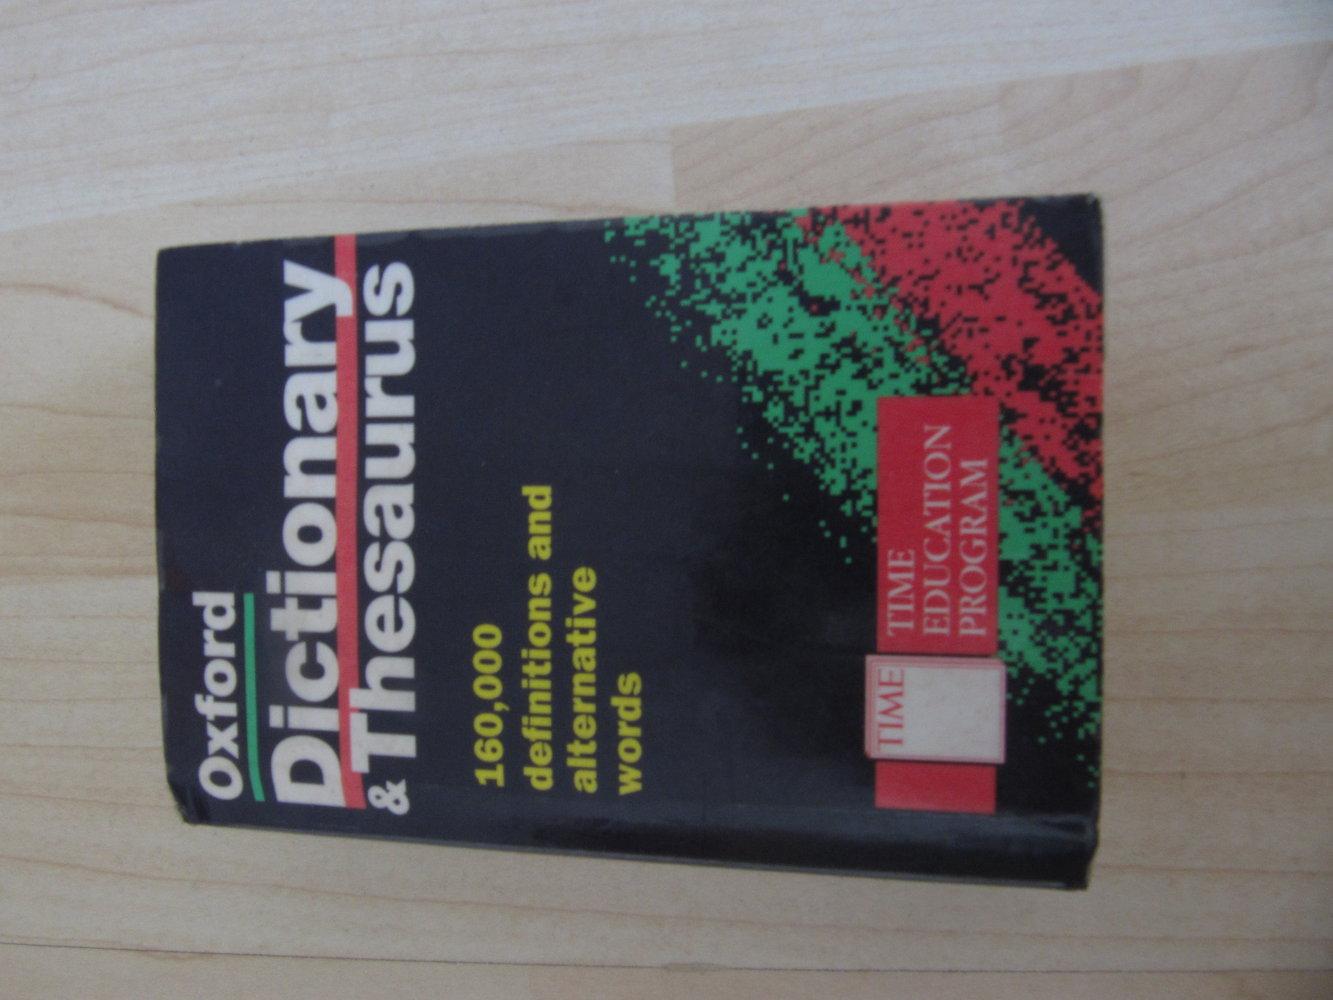 W rterbuch dictionary englisch deutsch sprachen studium for Dictionary englisch deutsch